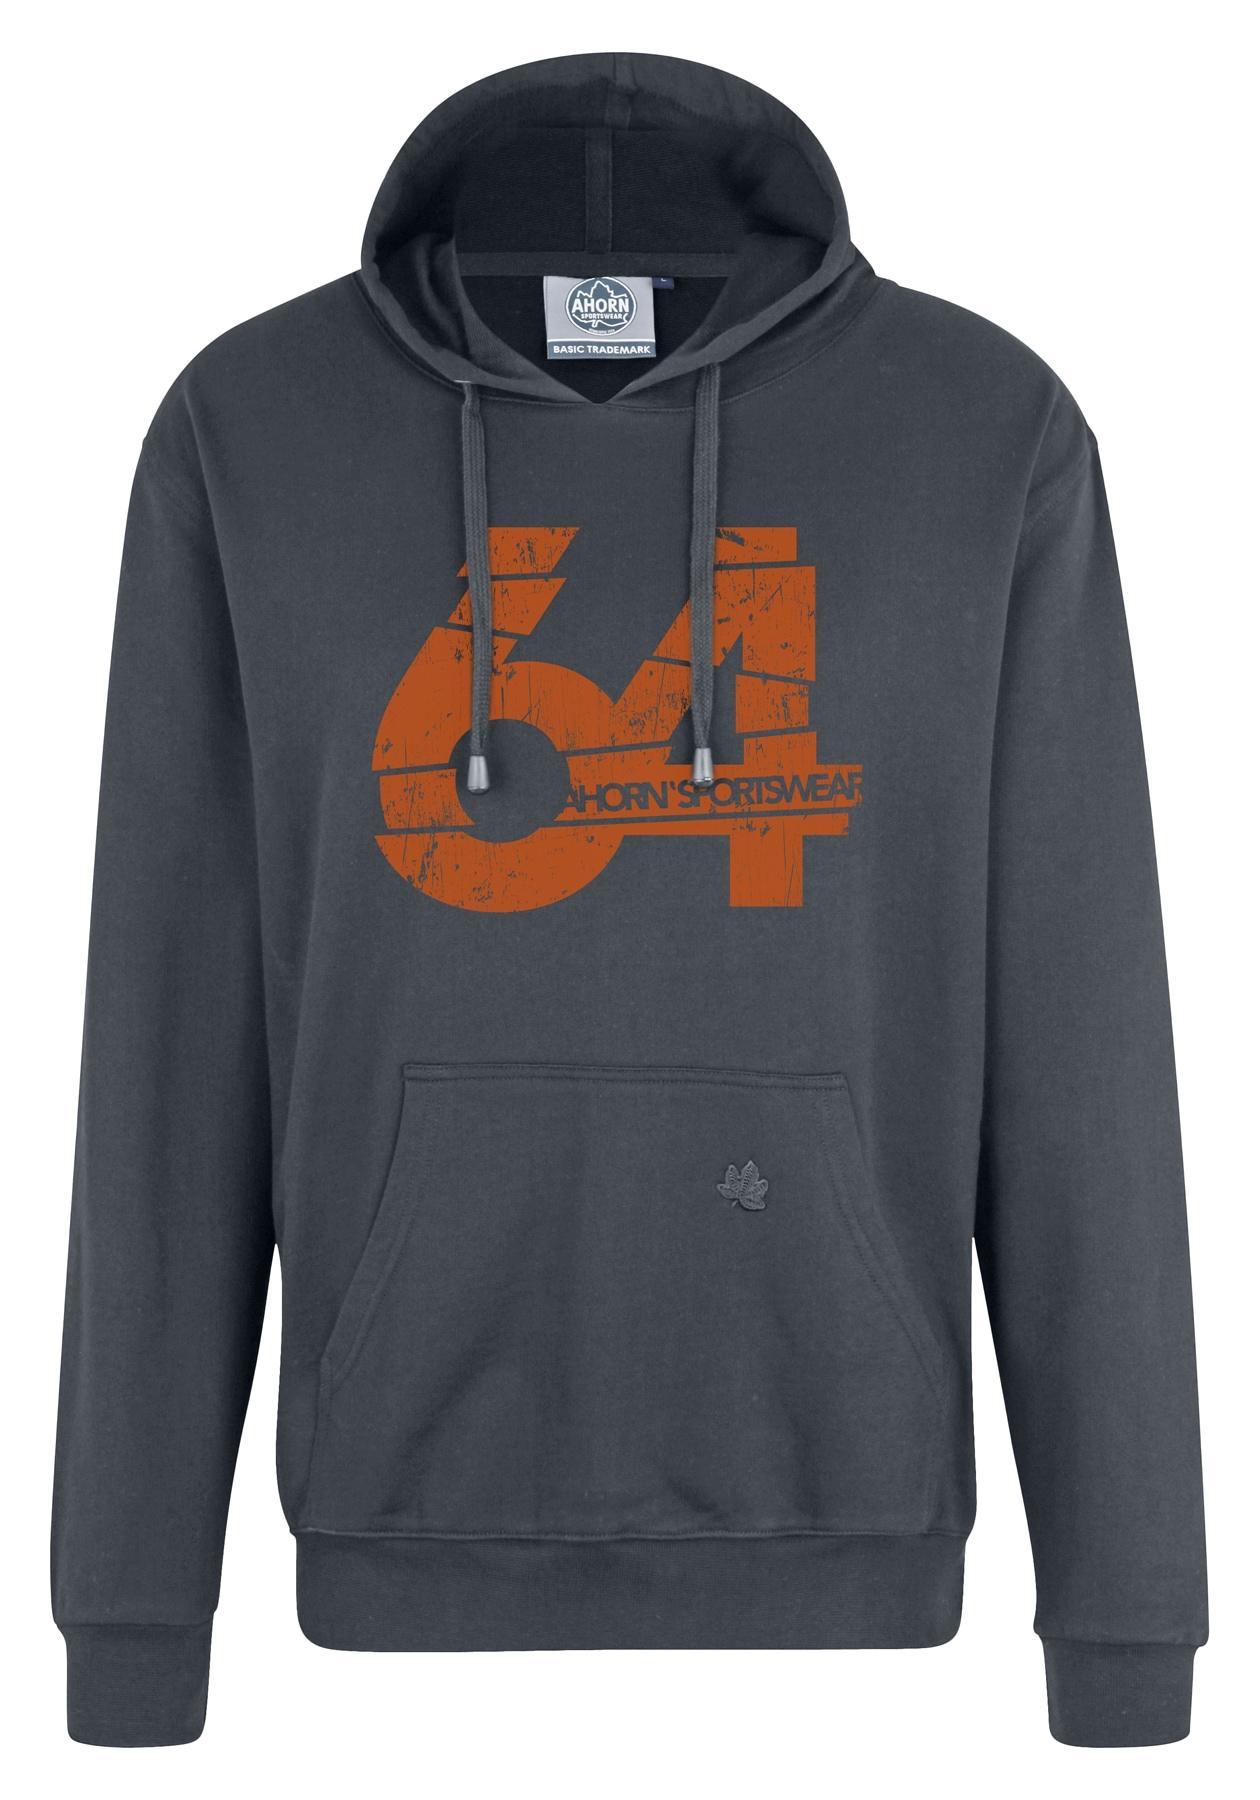 ahorn sportswear -  Hoodie, mit modischem Frontdruck